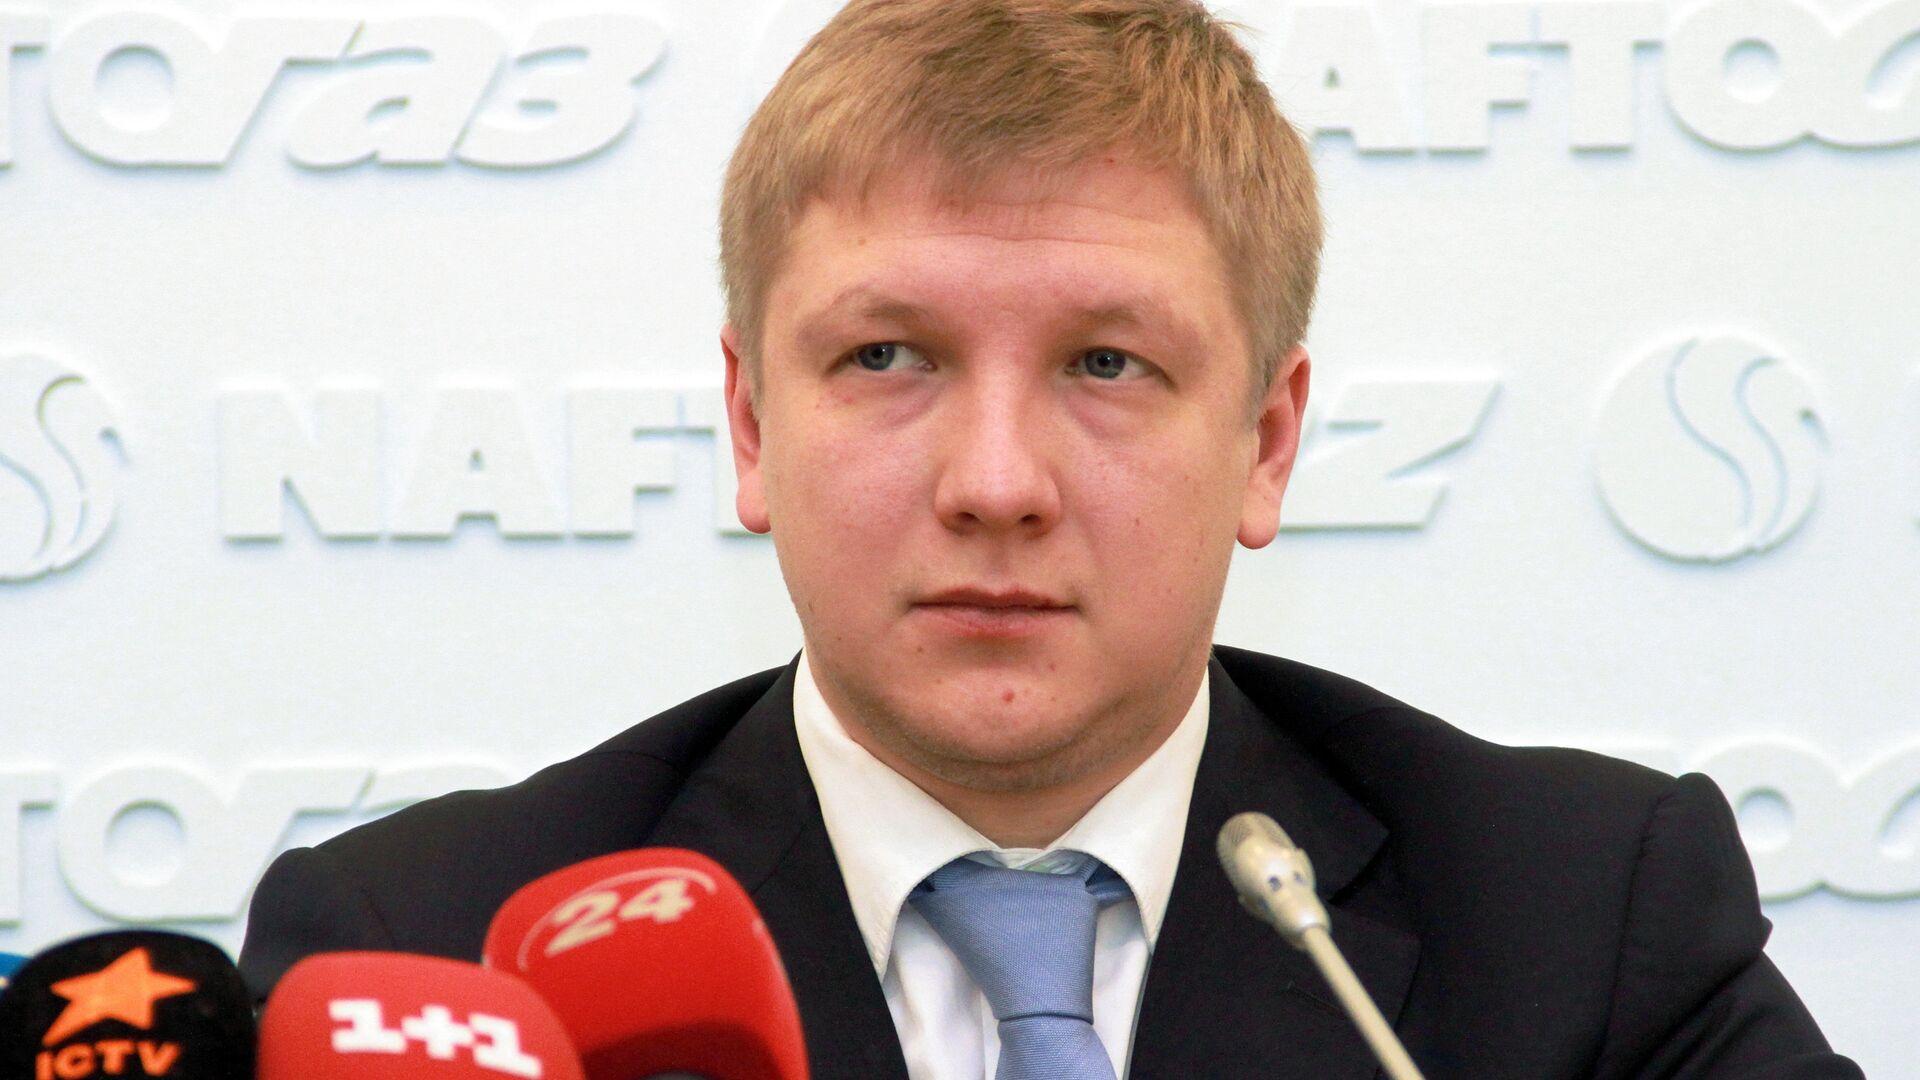 Глава компании Нафтогаз Украина Андрей Коболев во время пресс-конференции в Киеве - РИА Новости, 1920, 28.04.2021